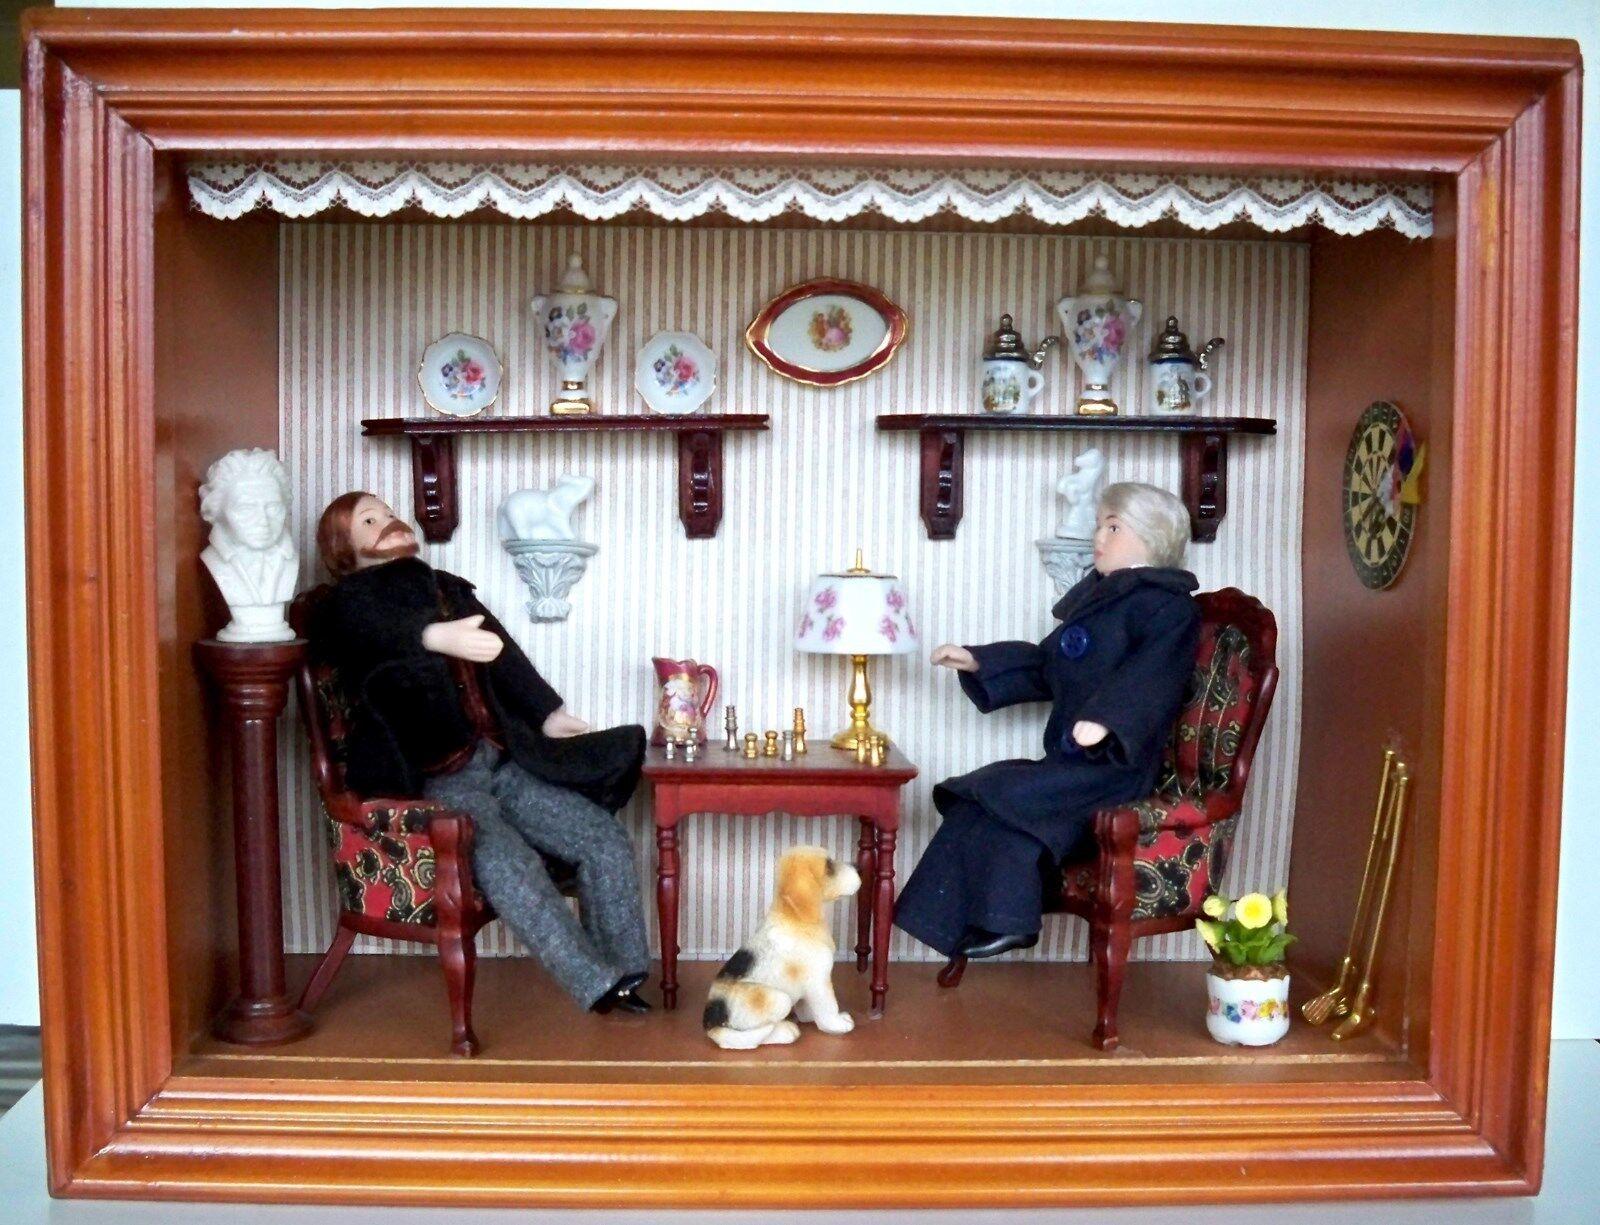 1 12 - Reutter - Wandbild Herrenzimmer - Puppenzimmer-Schaukasten